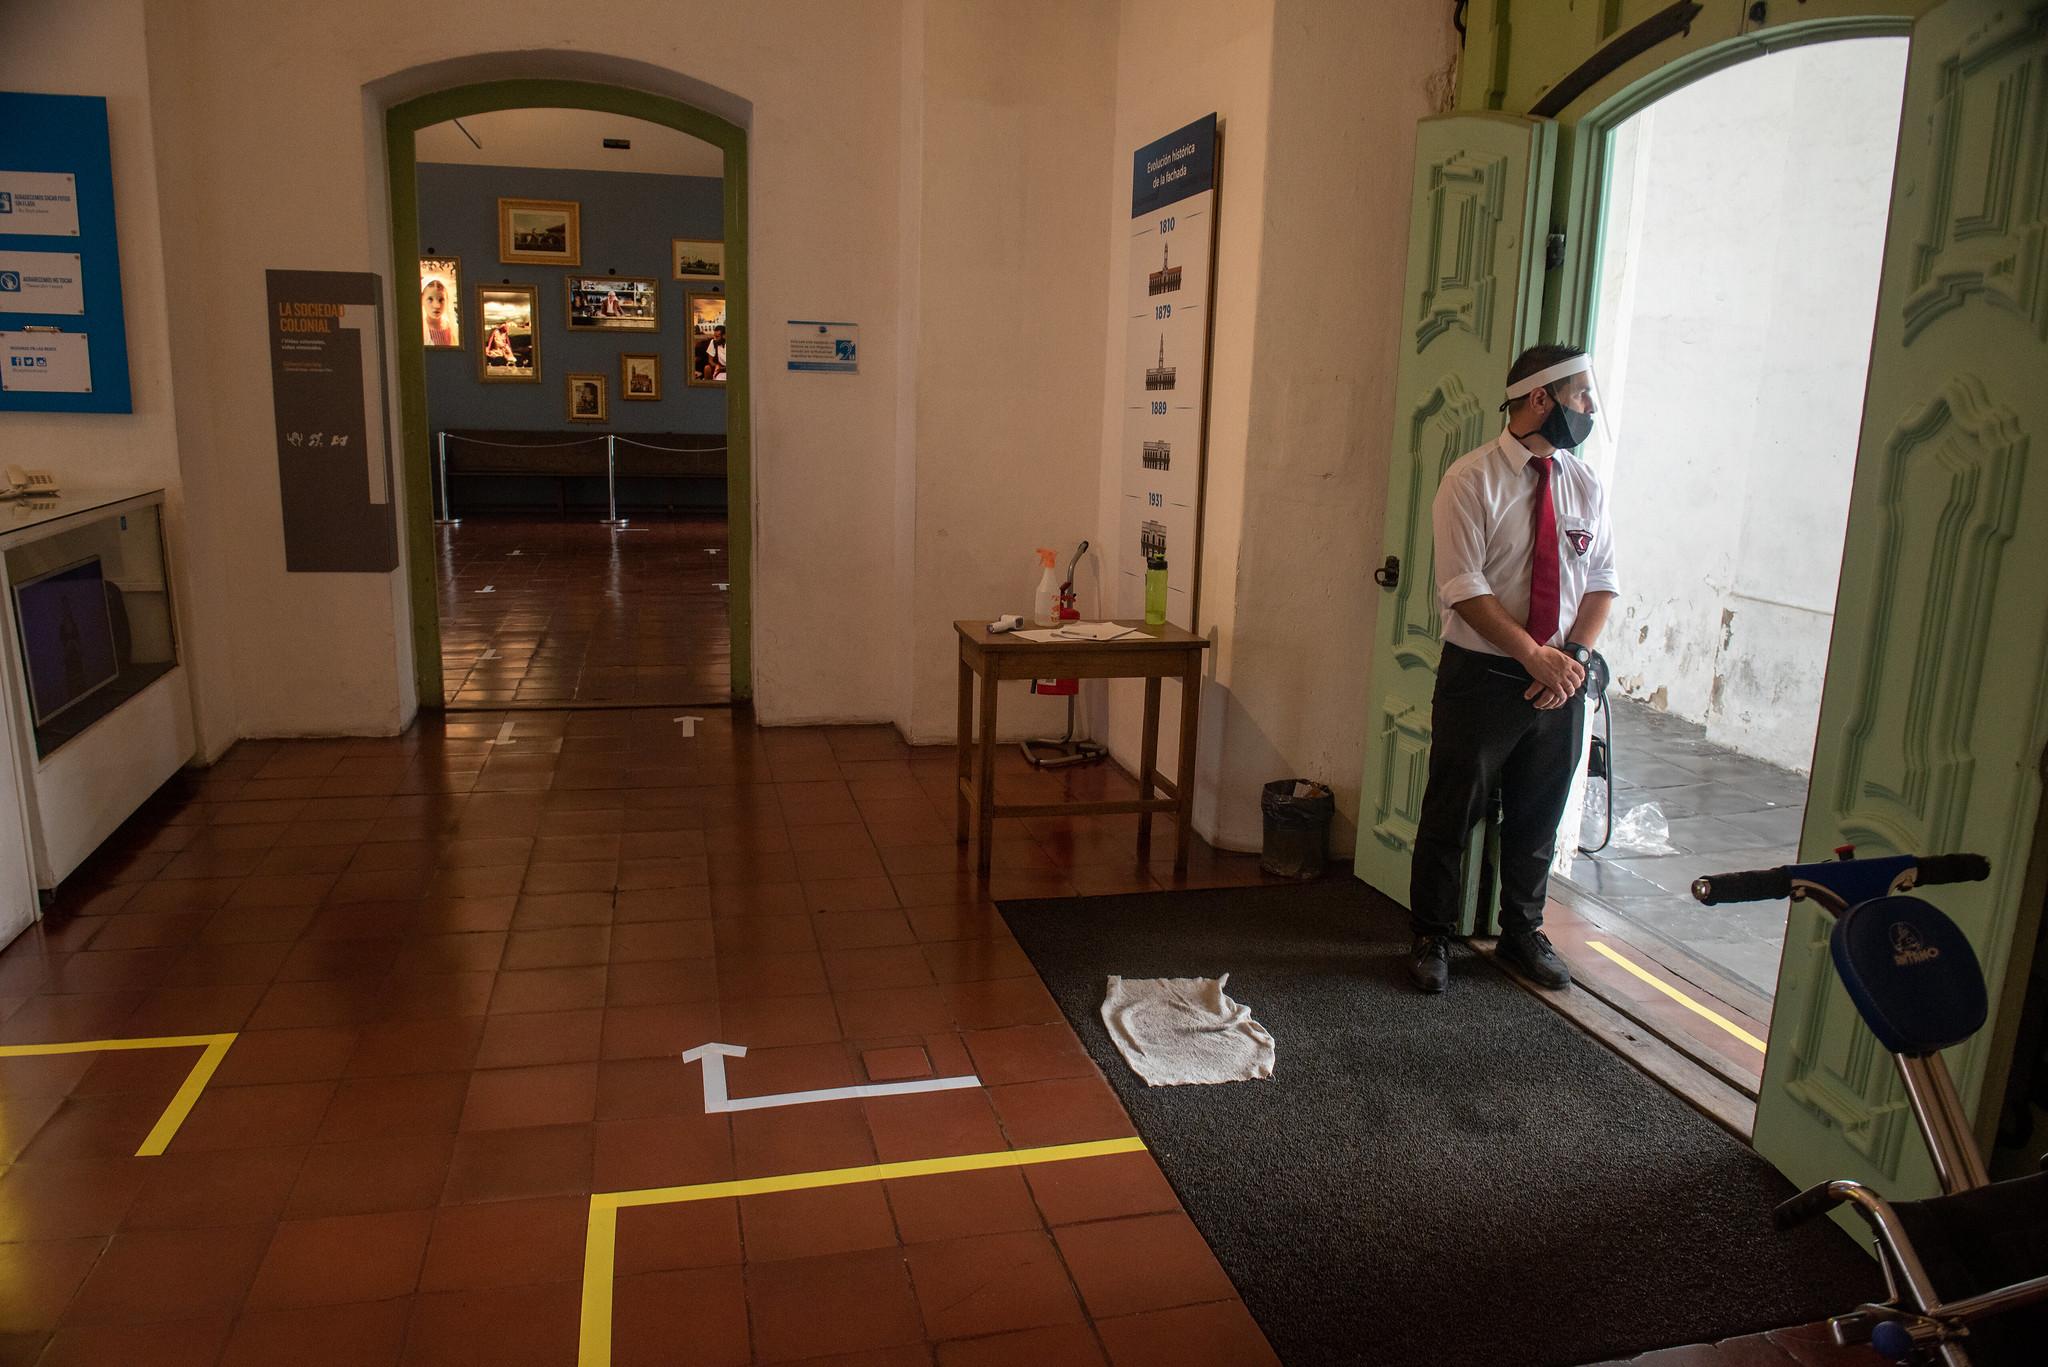 En la entrada, un guardia controla que quienes ingresan cumplan con las normas sanitarias (Ministerio de Cultura)